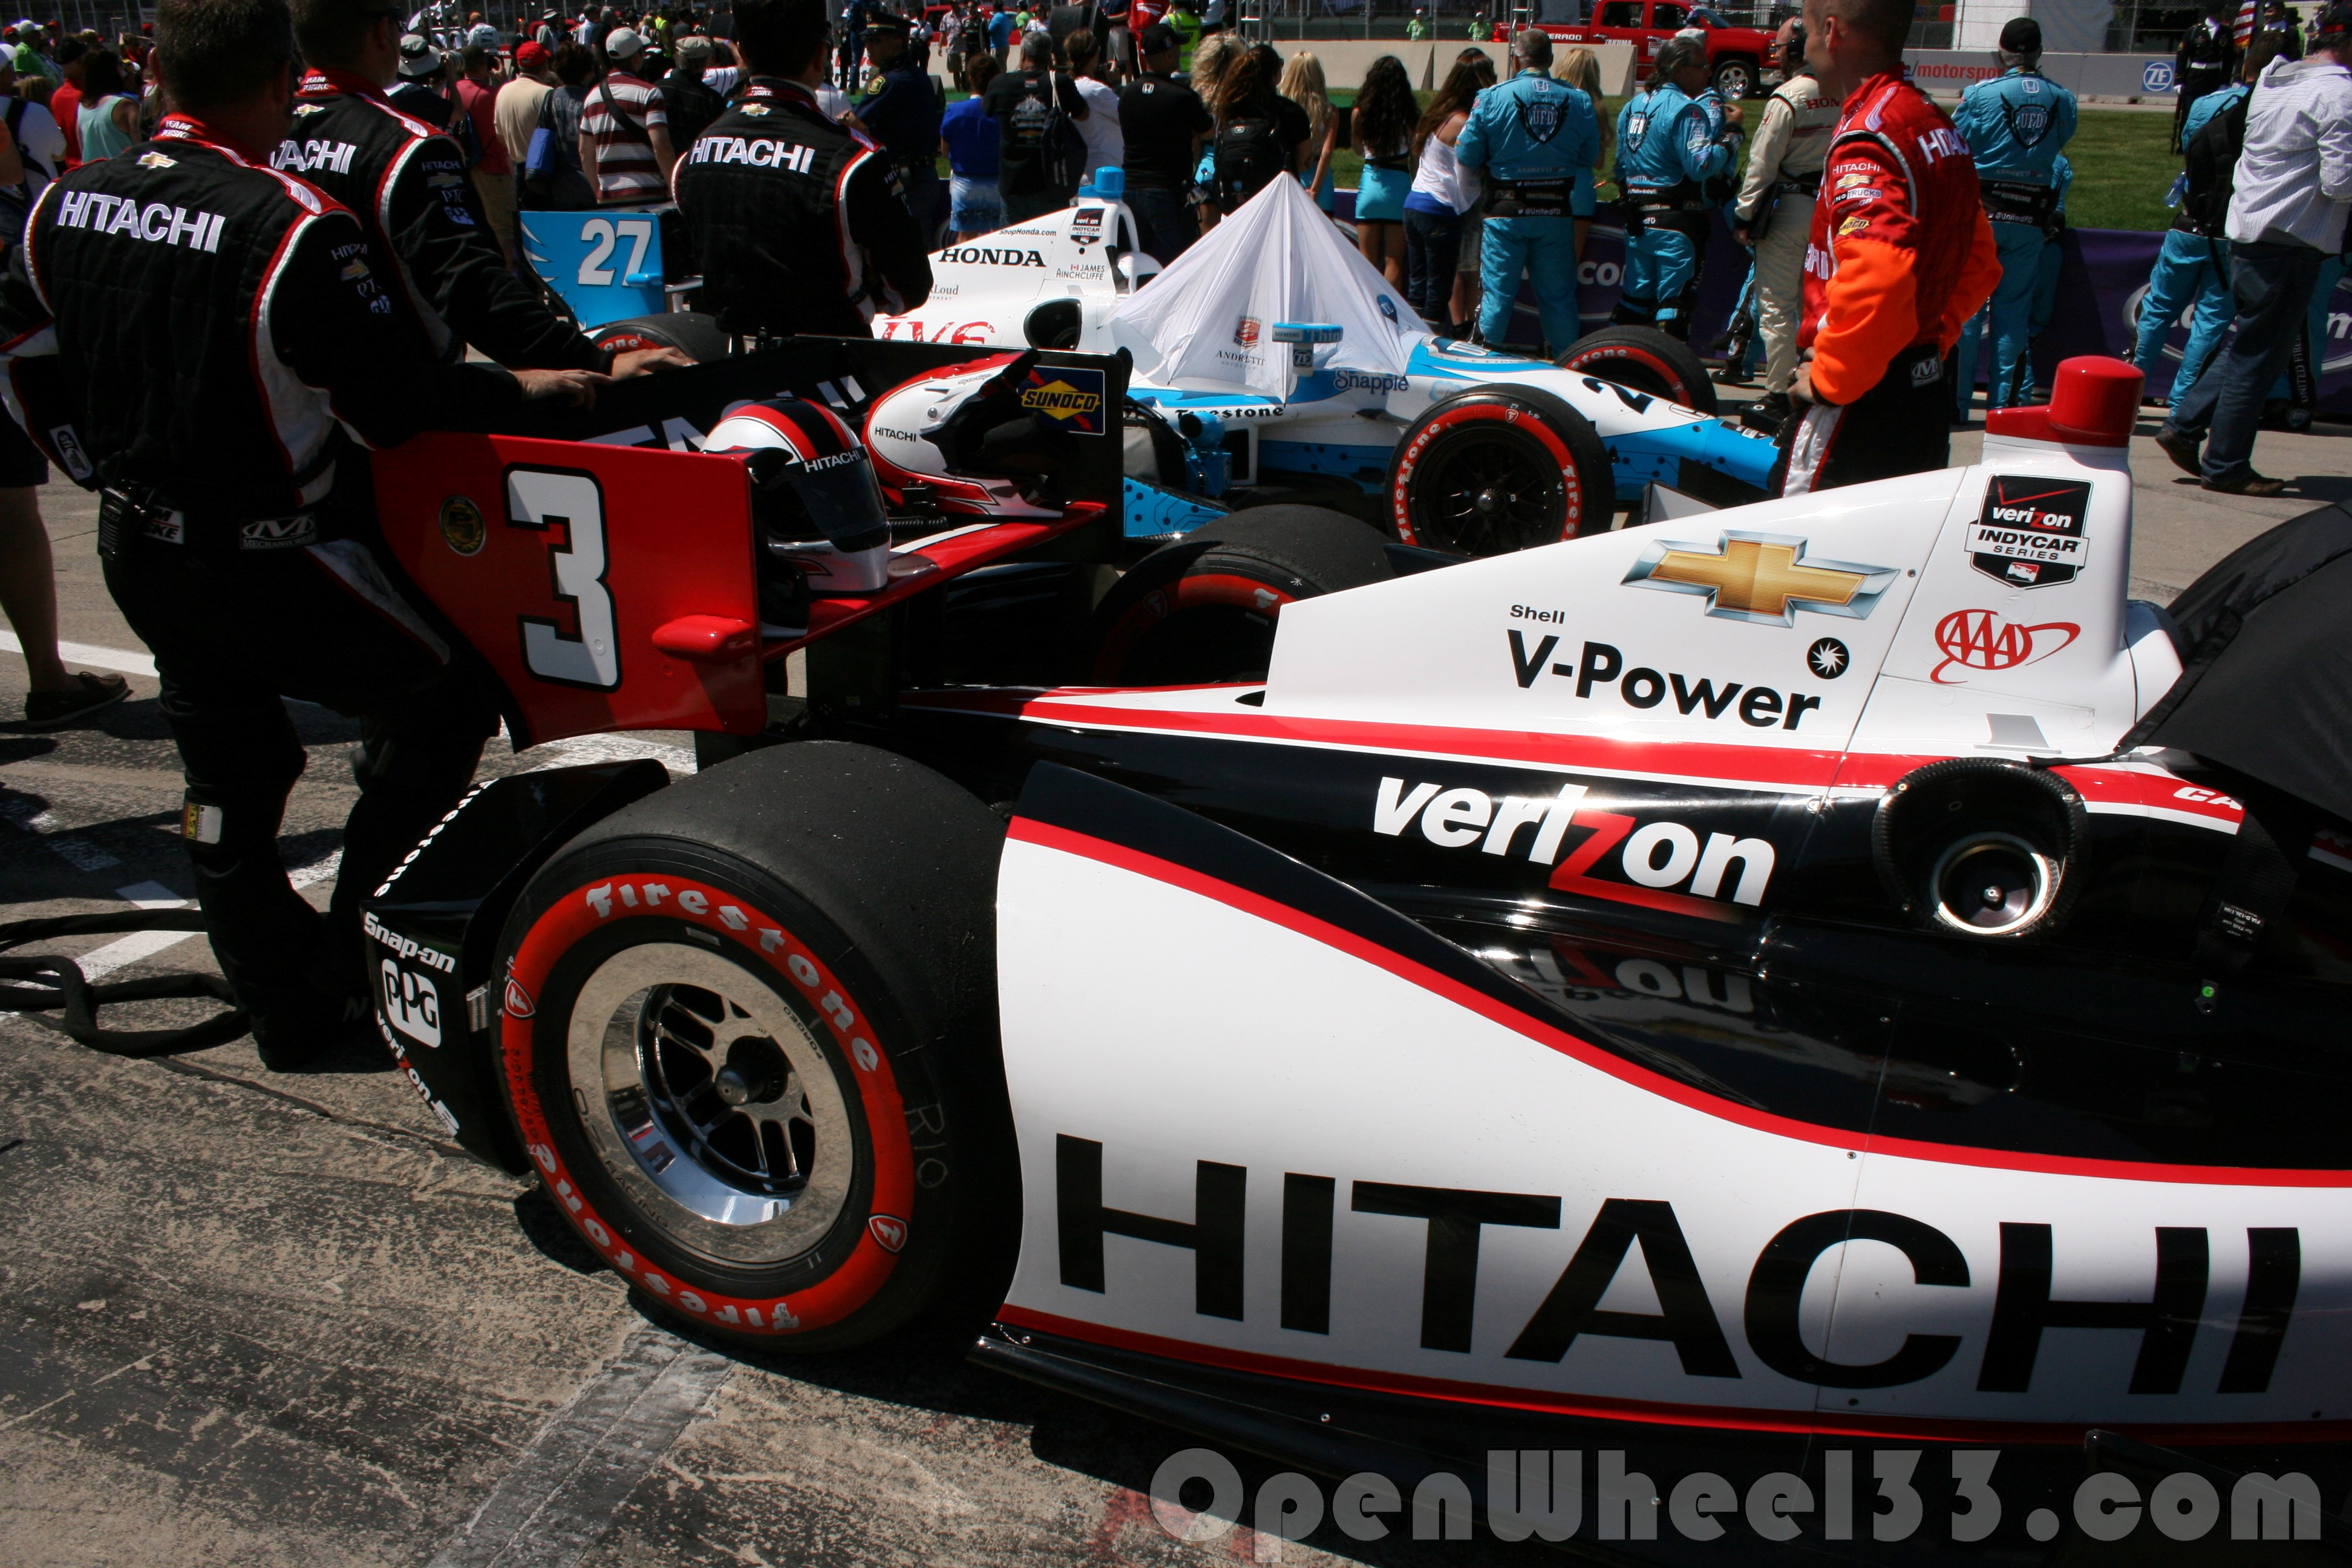 2014 Detroit GP R1 - 2 - PH